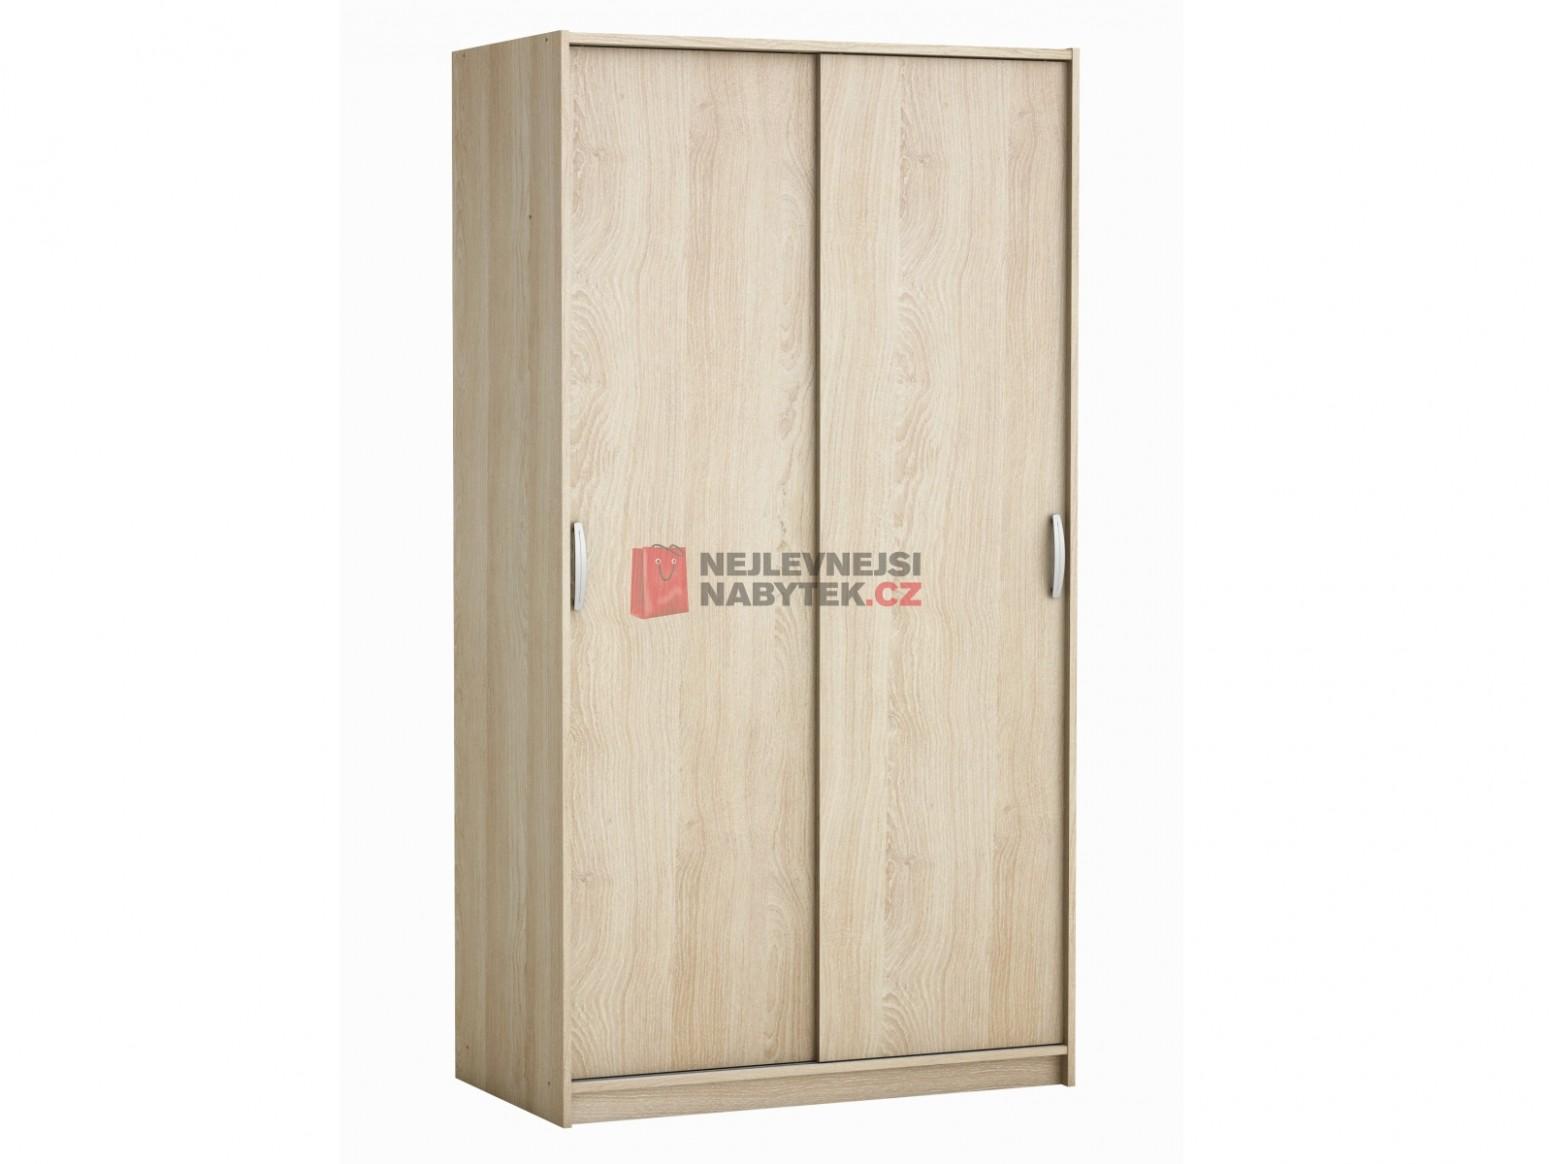 ROLINK skříň s posuvnými dveřmi, dub sonoma | NEJLEVNEJSINABYTEK.CZ